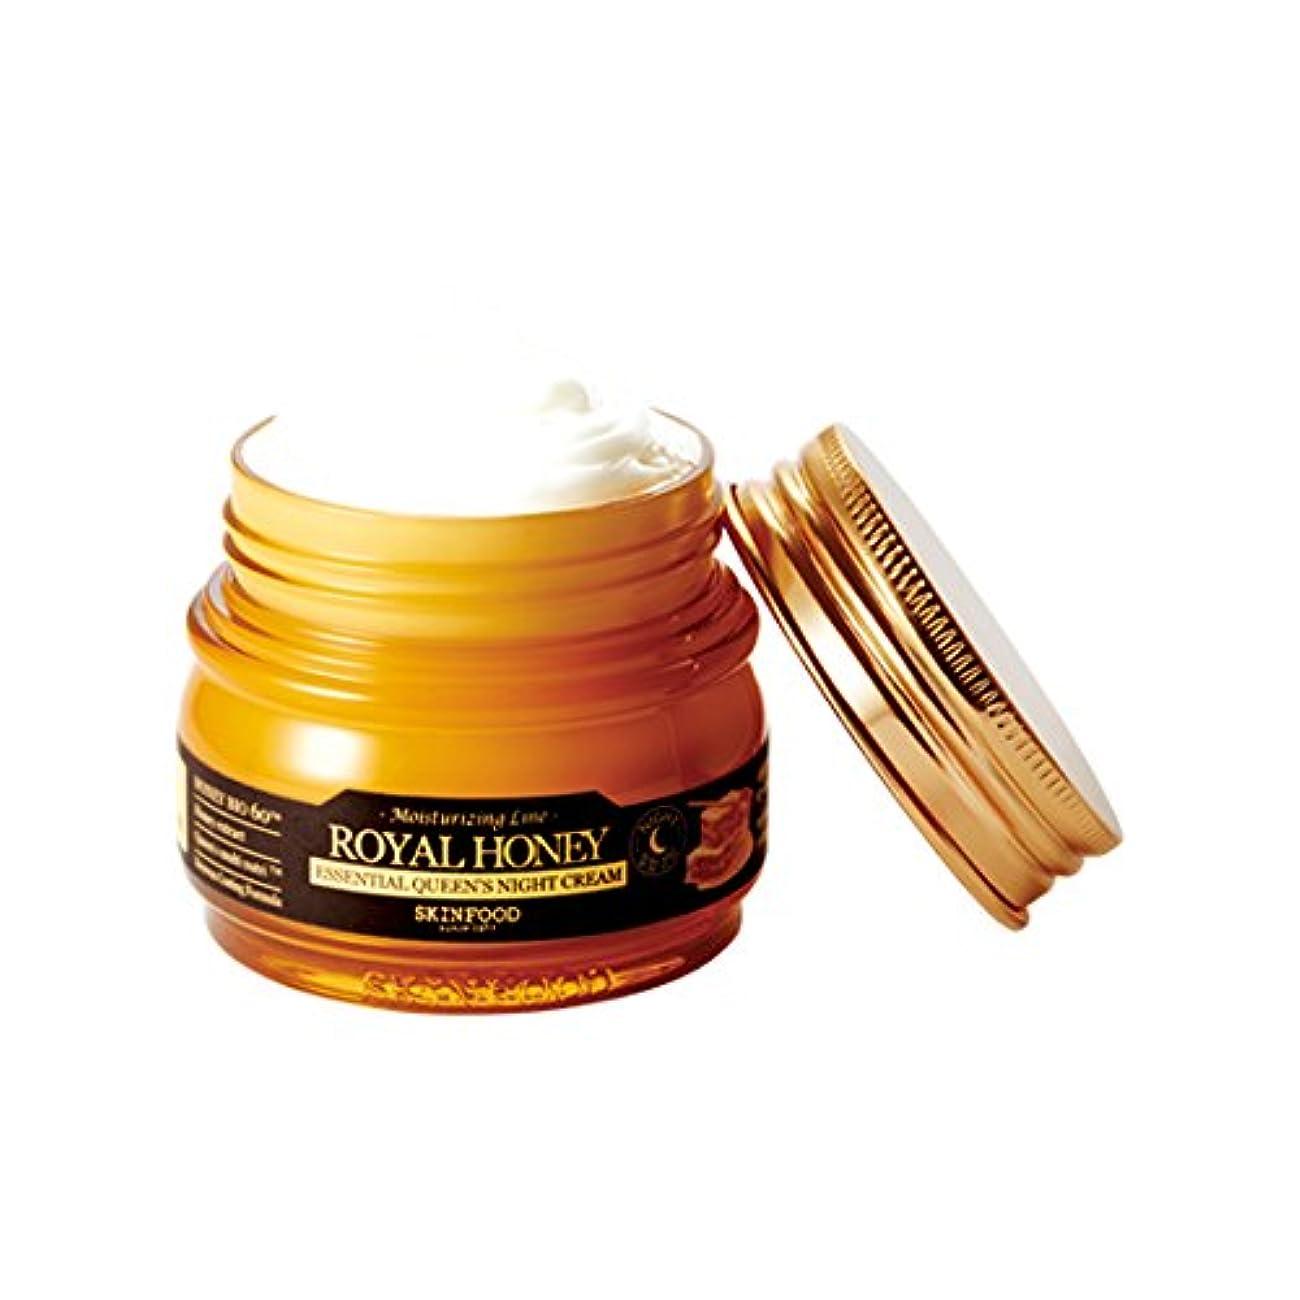 トレッド固める事実上SKINFOOD Royal Honey Essential Queen's Night Cream 63ml / スキンフード ロイヤルハニーエッセンシャルクイーンズナイトクリーム 63ml [並行輸入品]